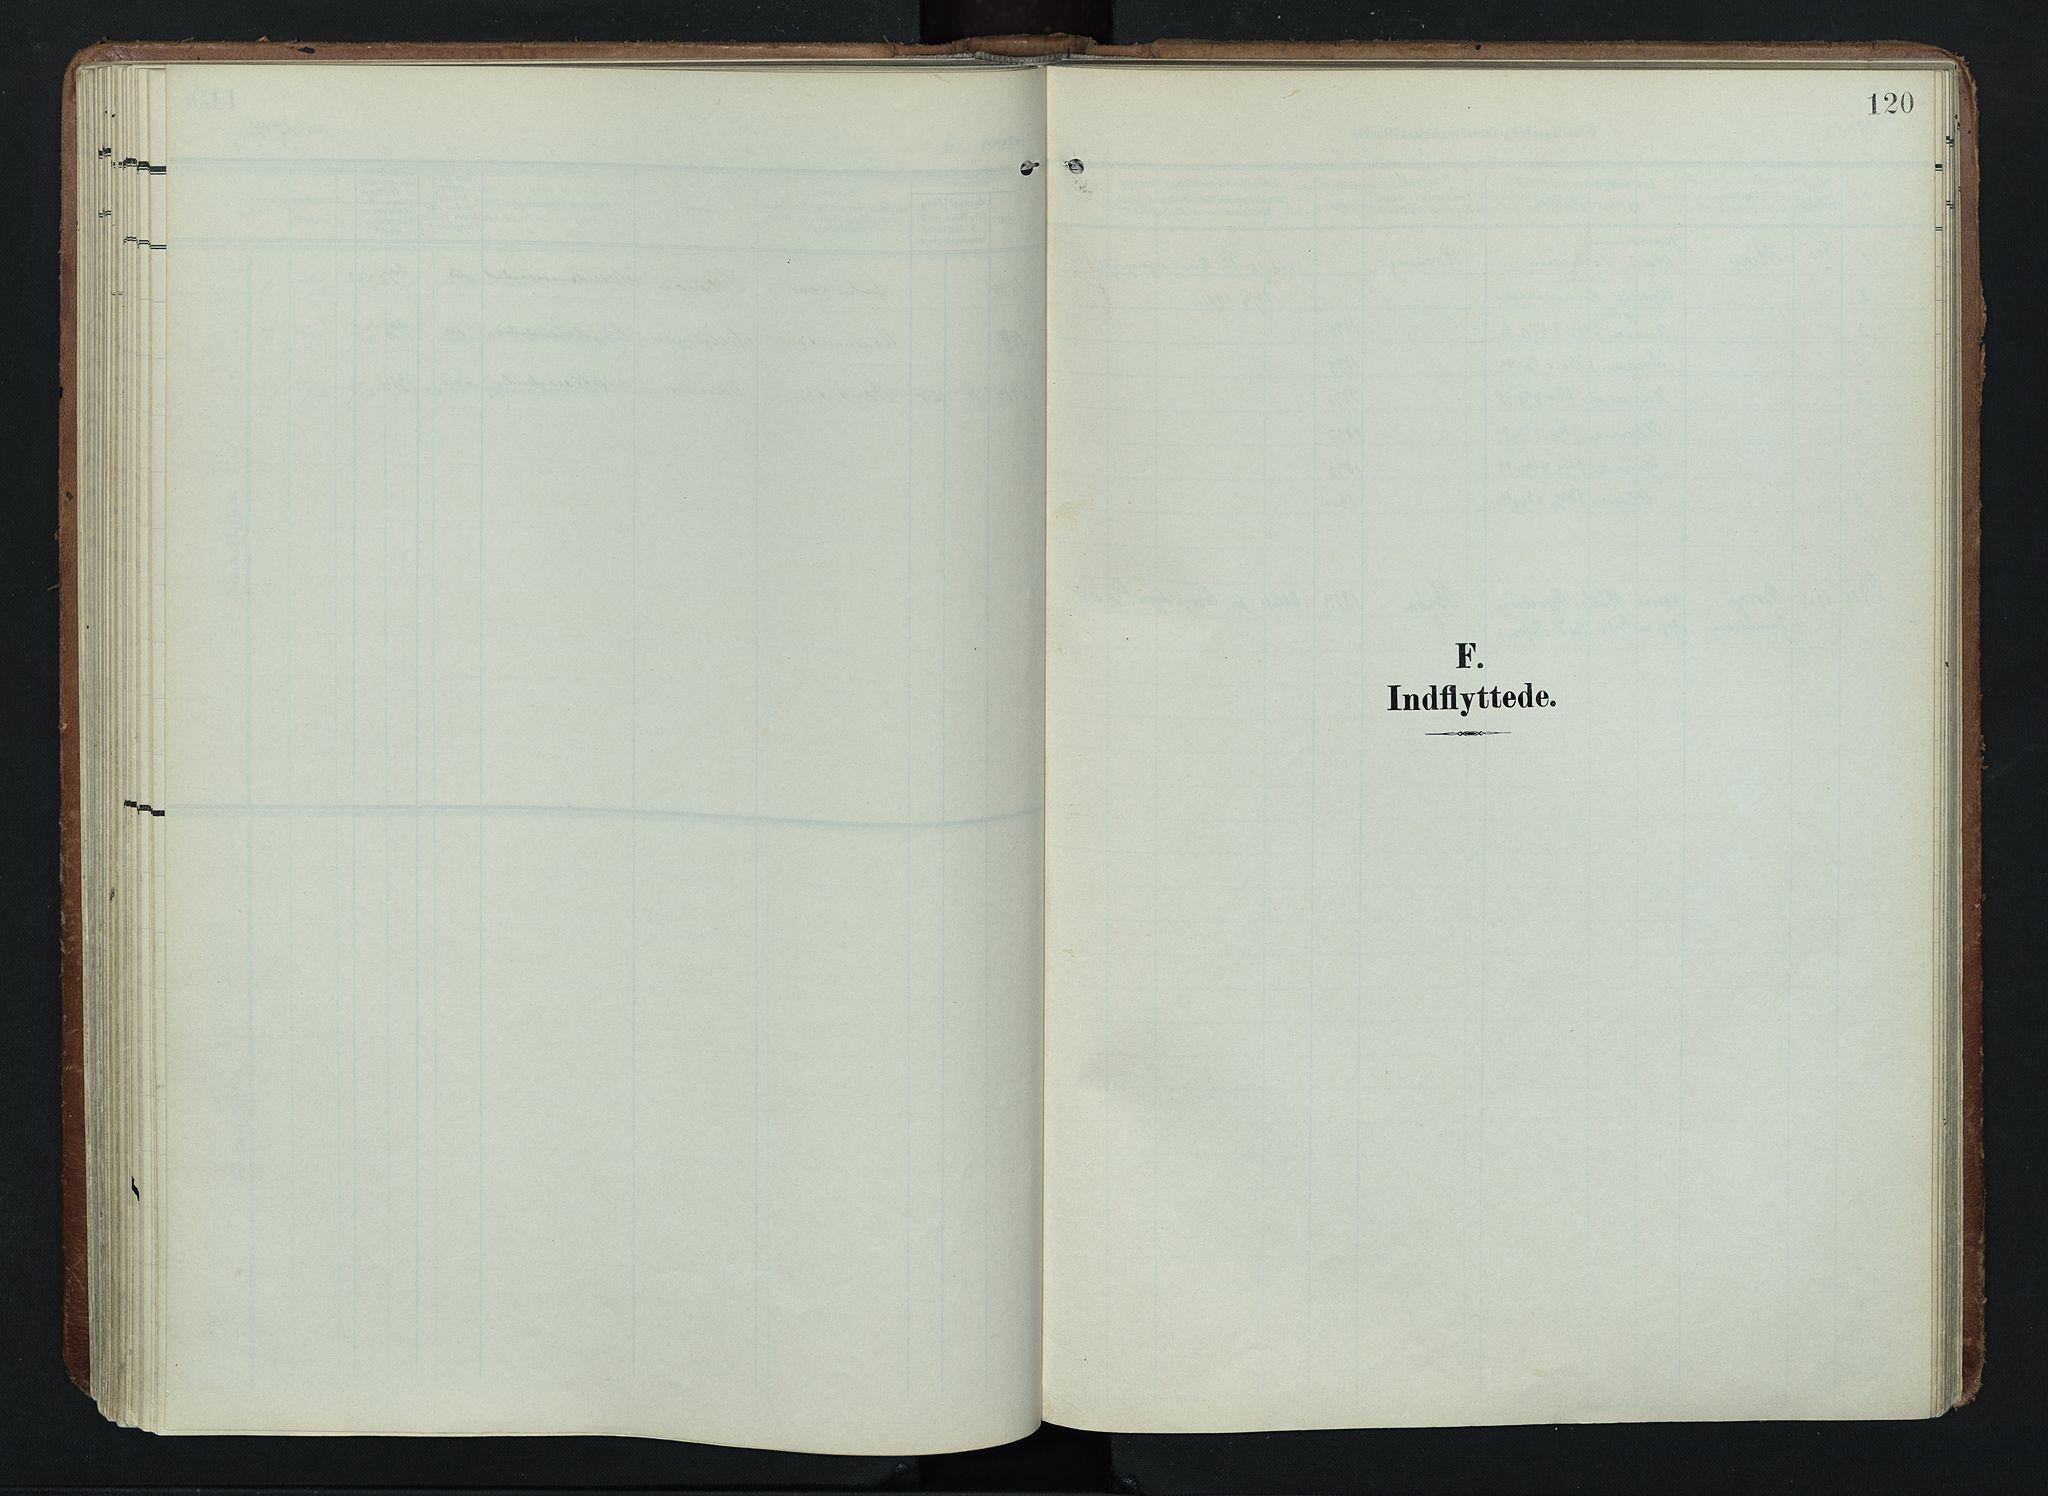 SAH, Søndre Land prestekontor, K/L0005: Ministerialbok nr. 5, 1905-1914, s. 120